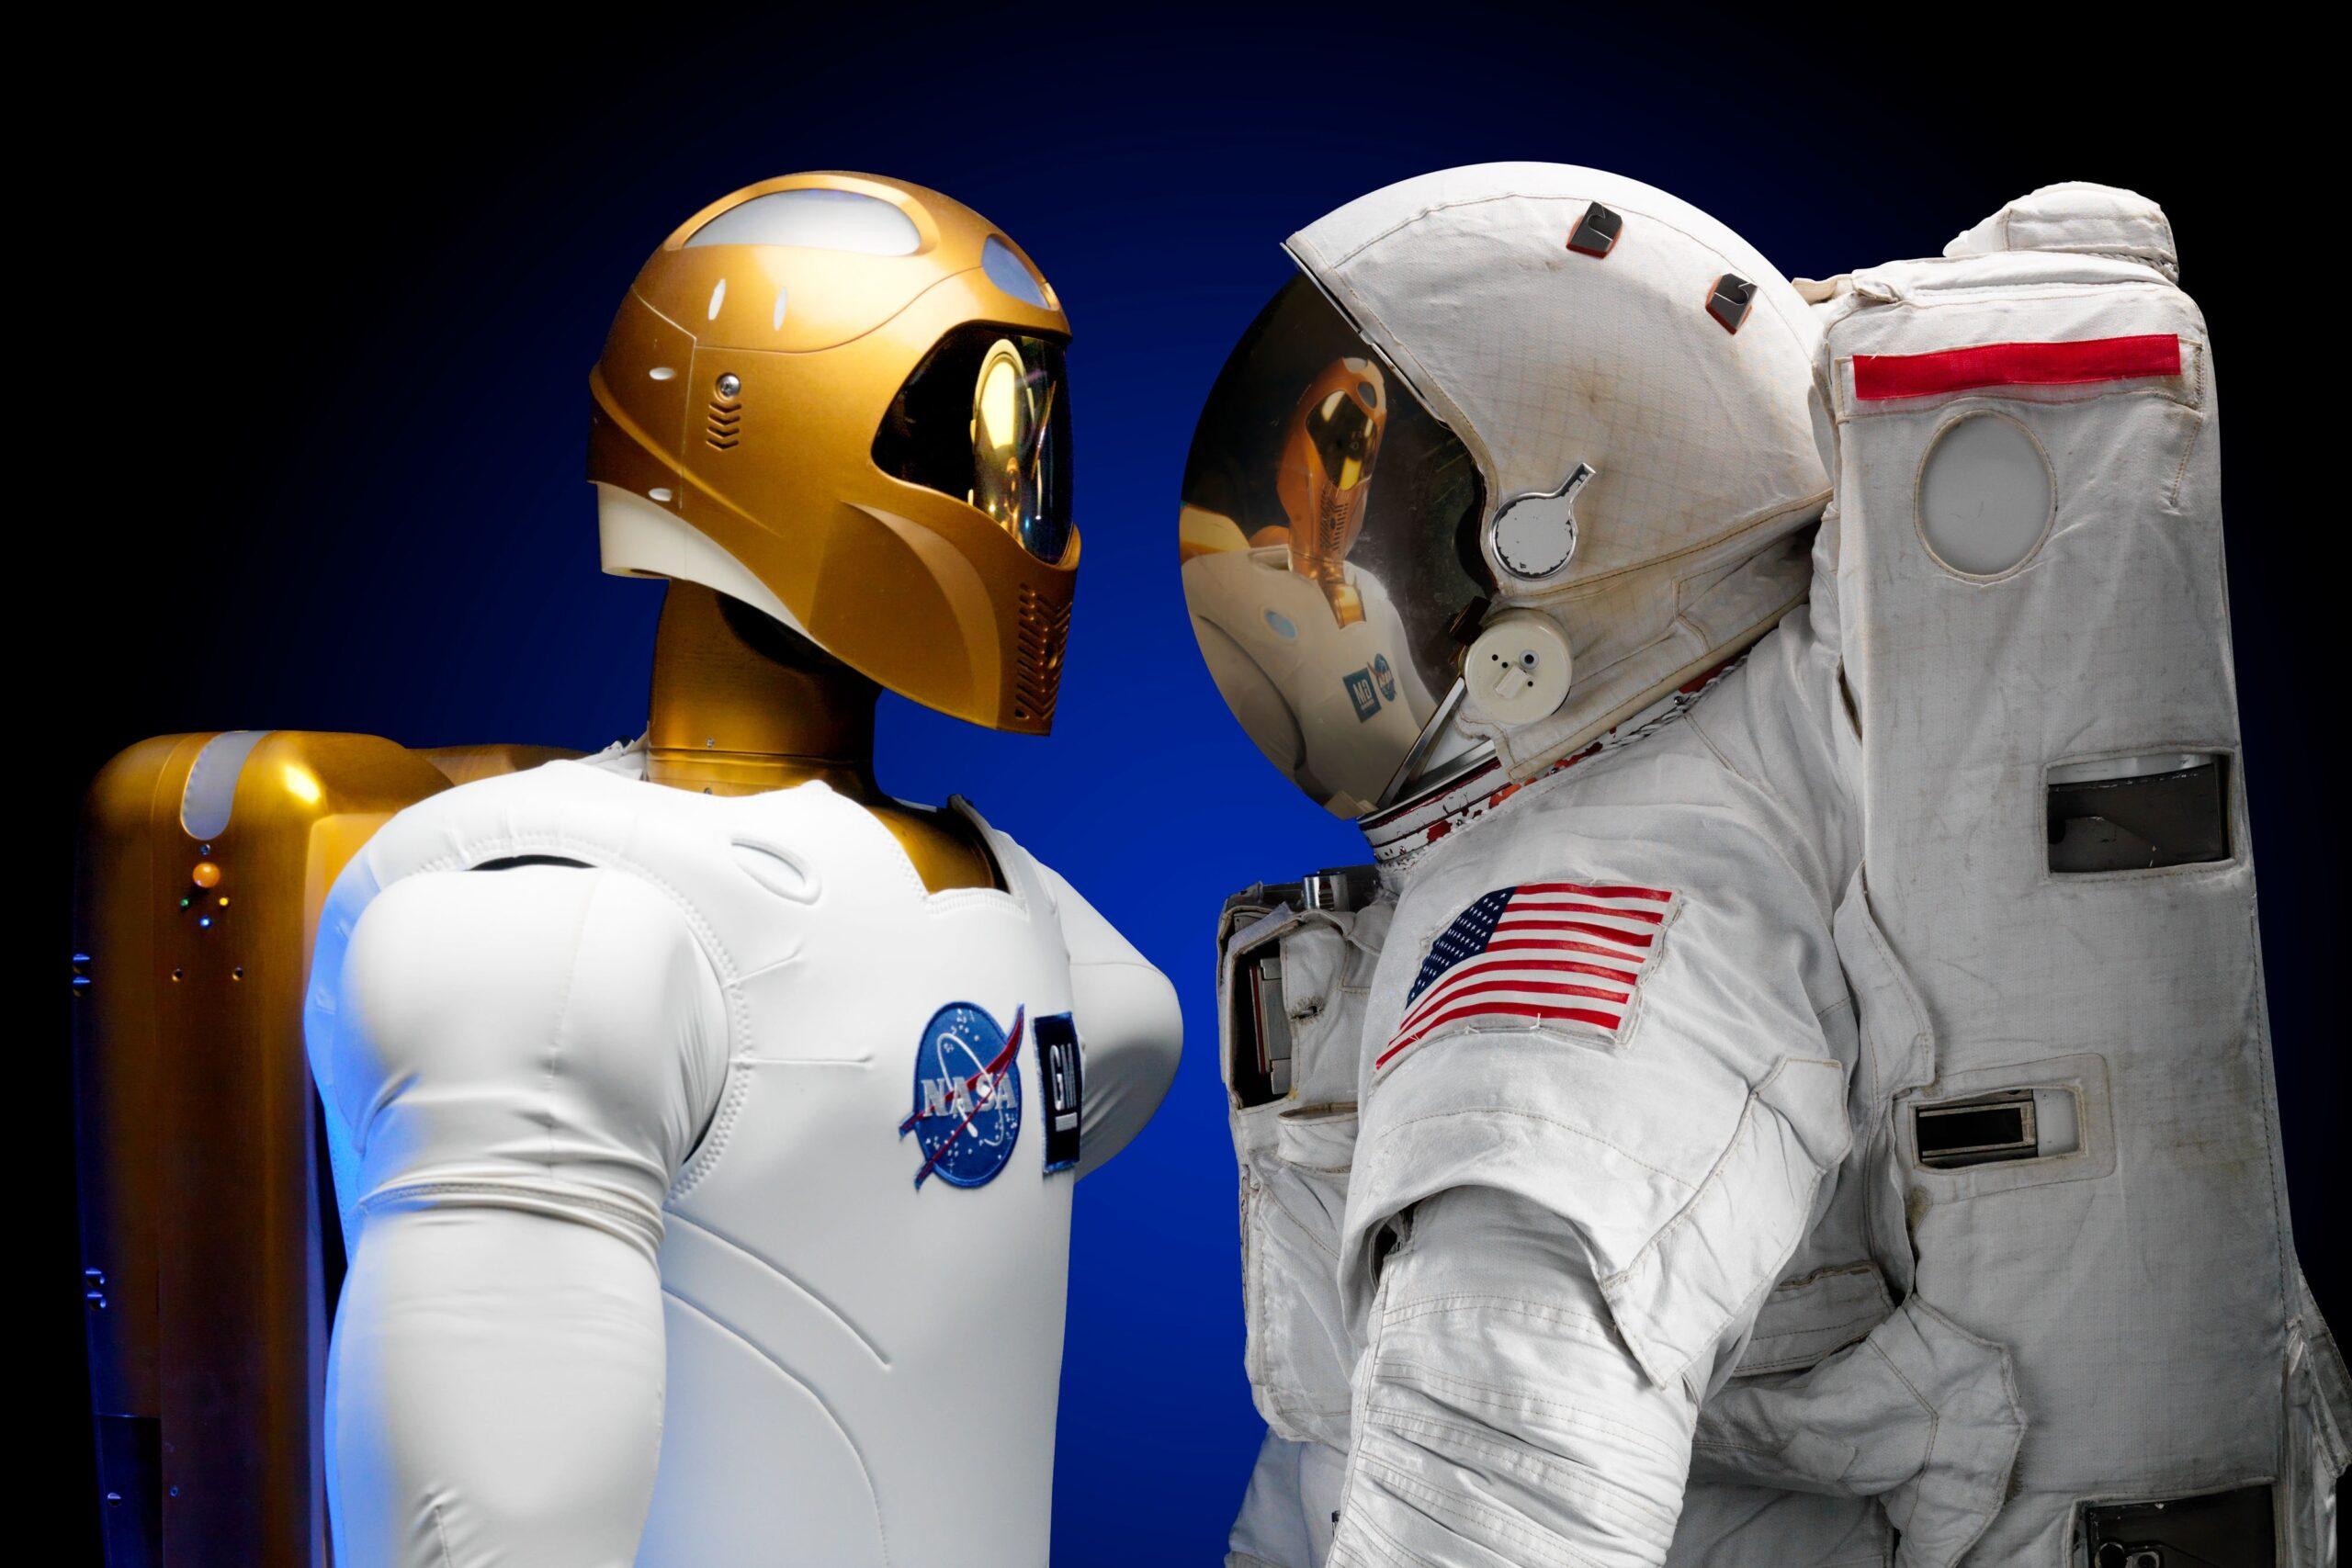 MAN VS AI